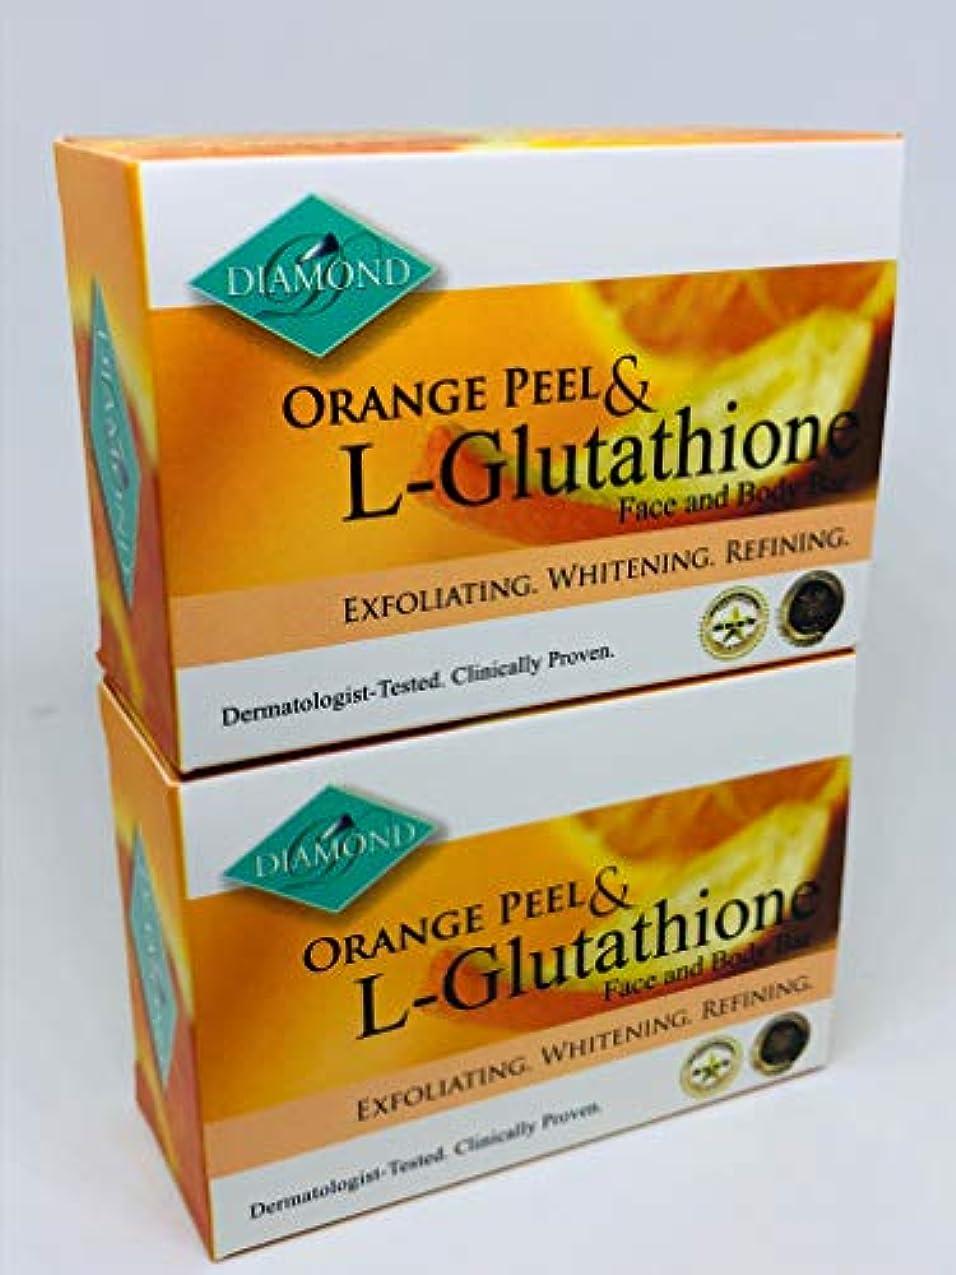 ウミウシスリップシューズ口径DIAMOND ORANGE PEEL&Glutathione soap/オレンジピール&グルタチオン配合ソープ(美容石けん) 150g×2個 正規輸入品